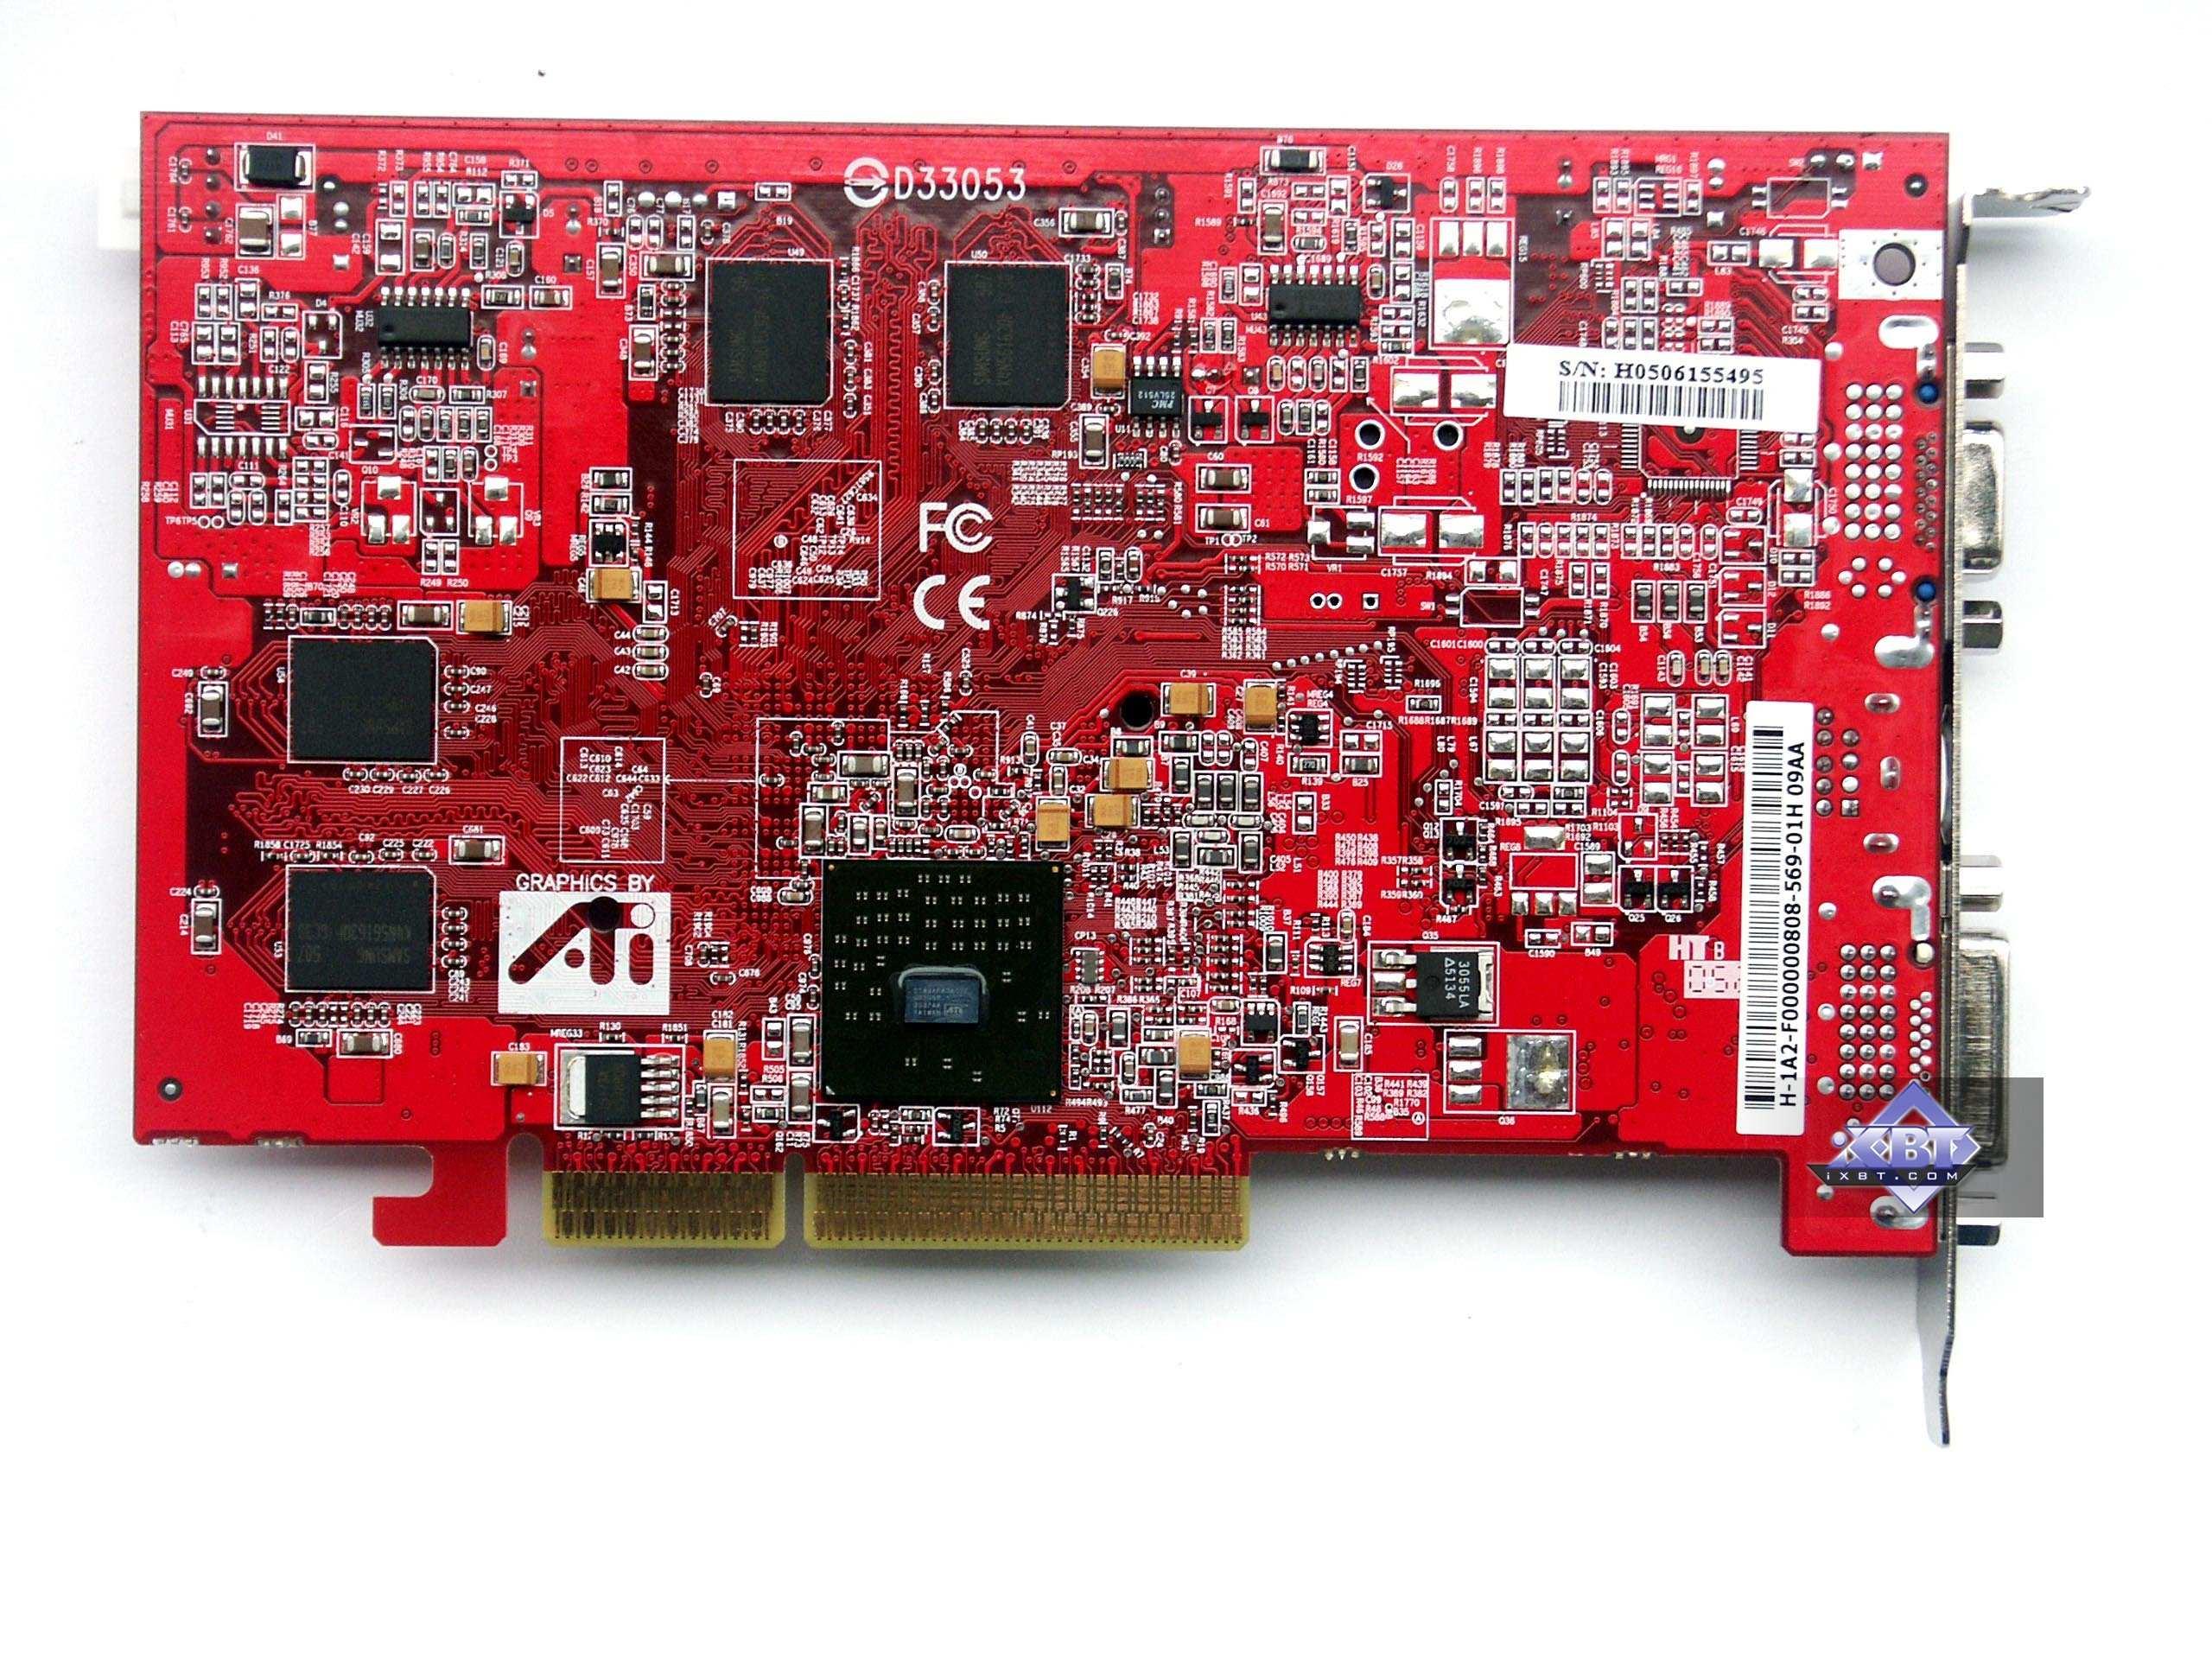 ATI X700 AGP DRIVER FOR WINDOWS MAC